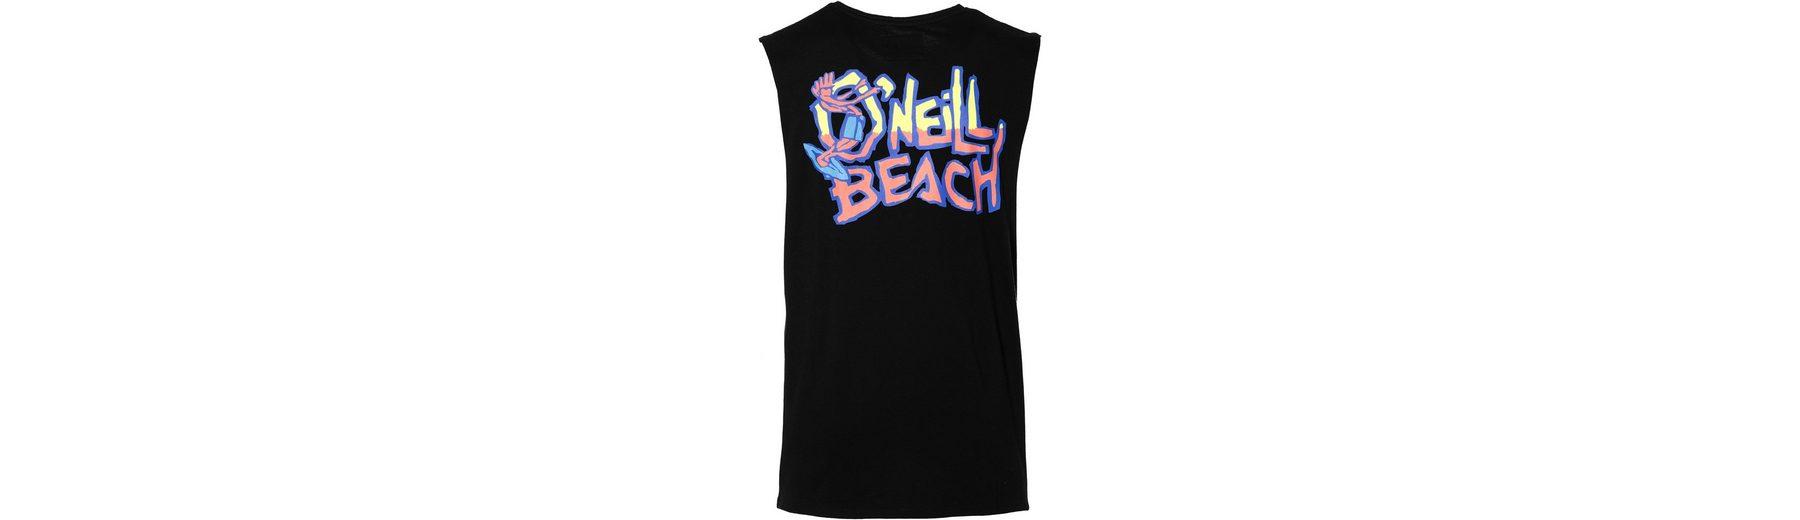 Ausverkaufspreise O'Neill Tanktop Beach Beliebt Rabatte Für Verkauf Klassische Online-Verkauf Erstaunlicher Preis Günstiger Preis QbDzqwqD9